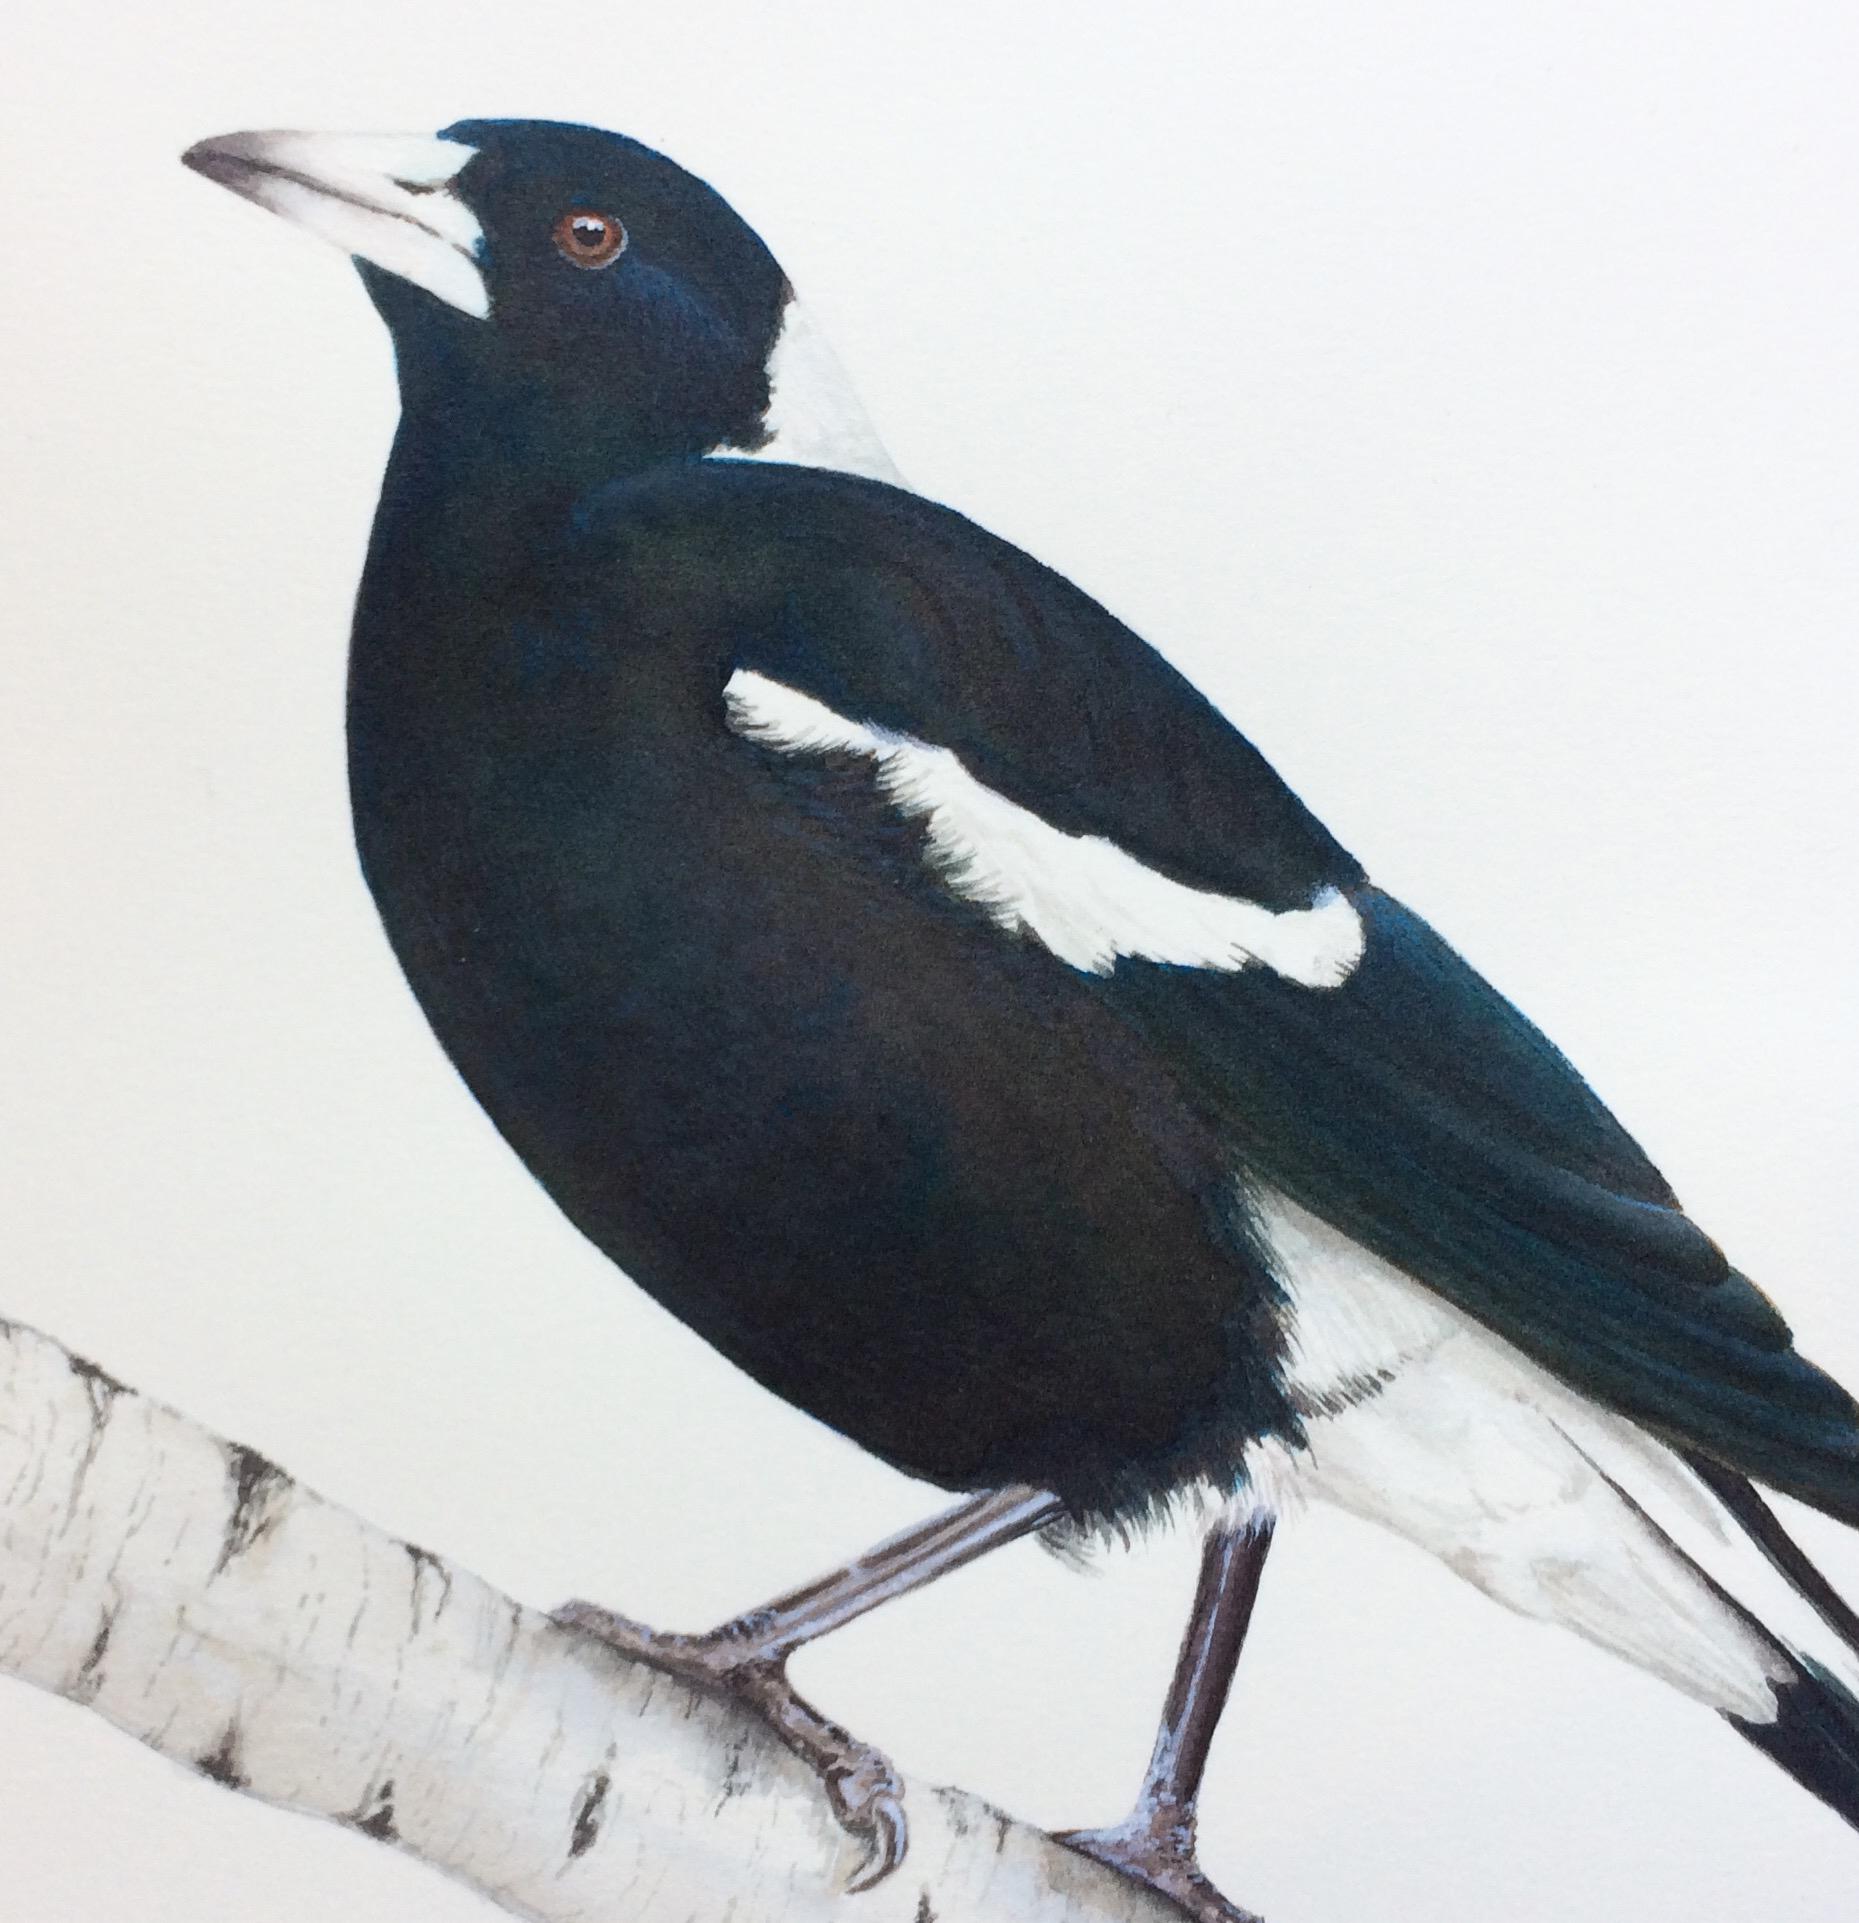 Magpie on birch